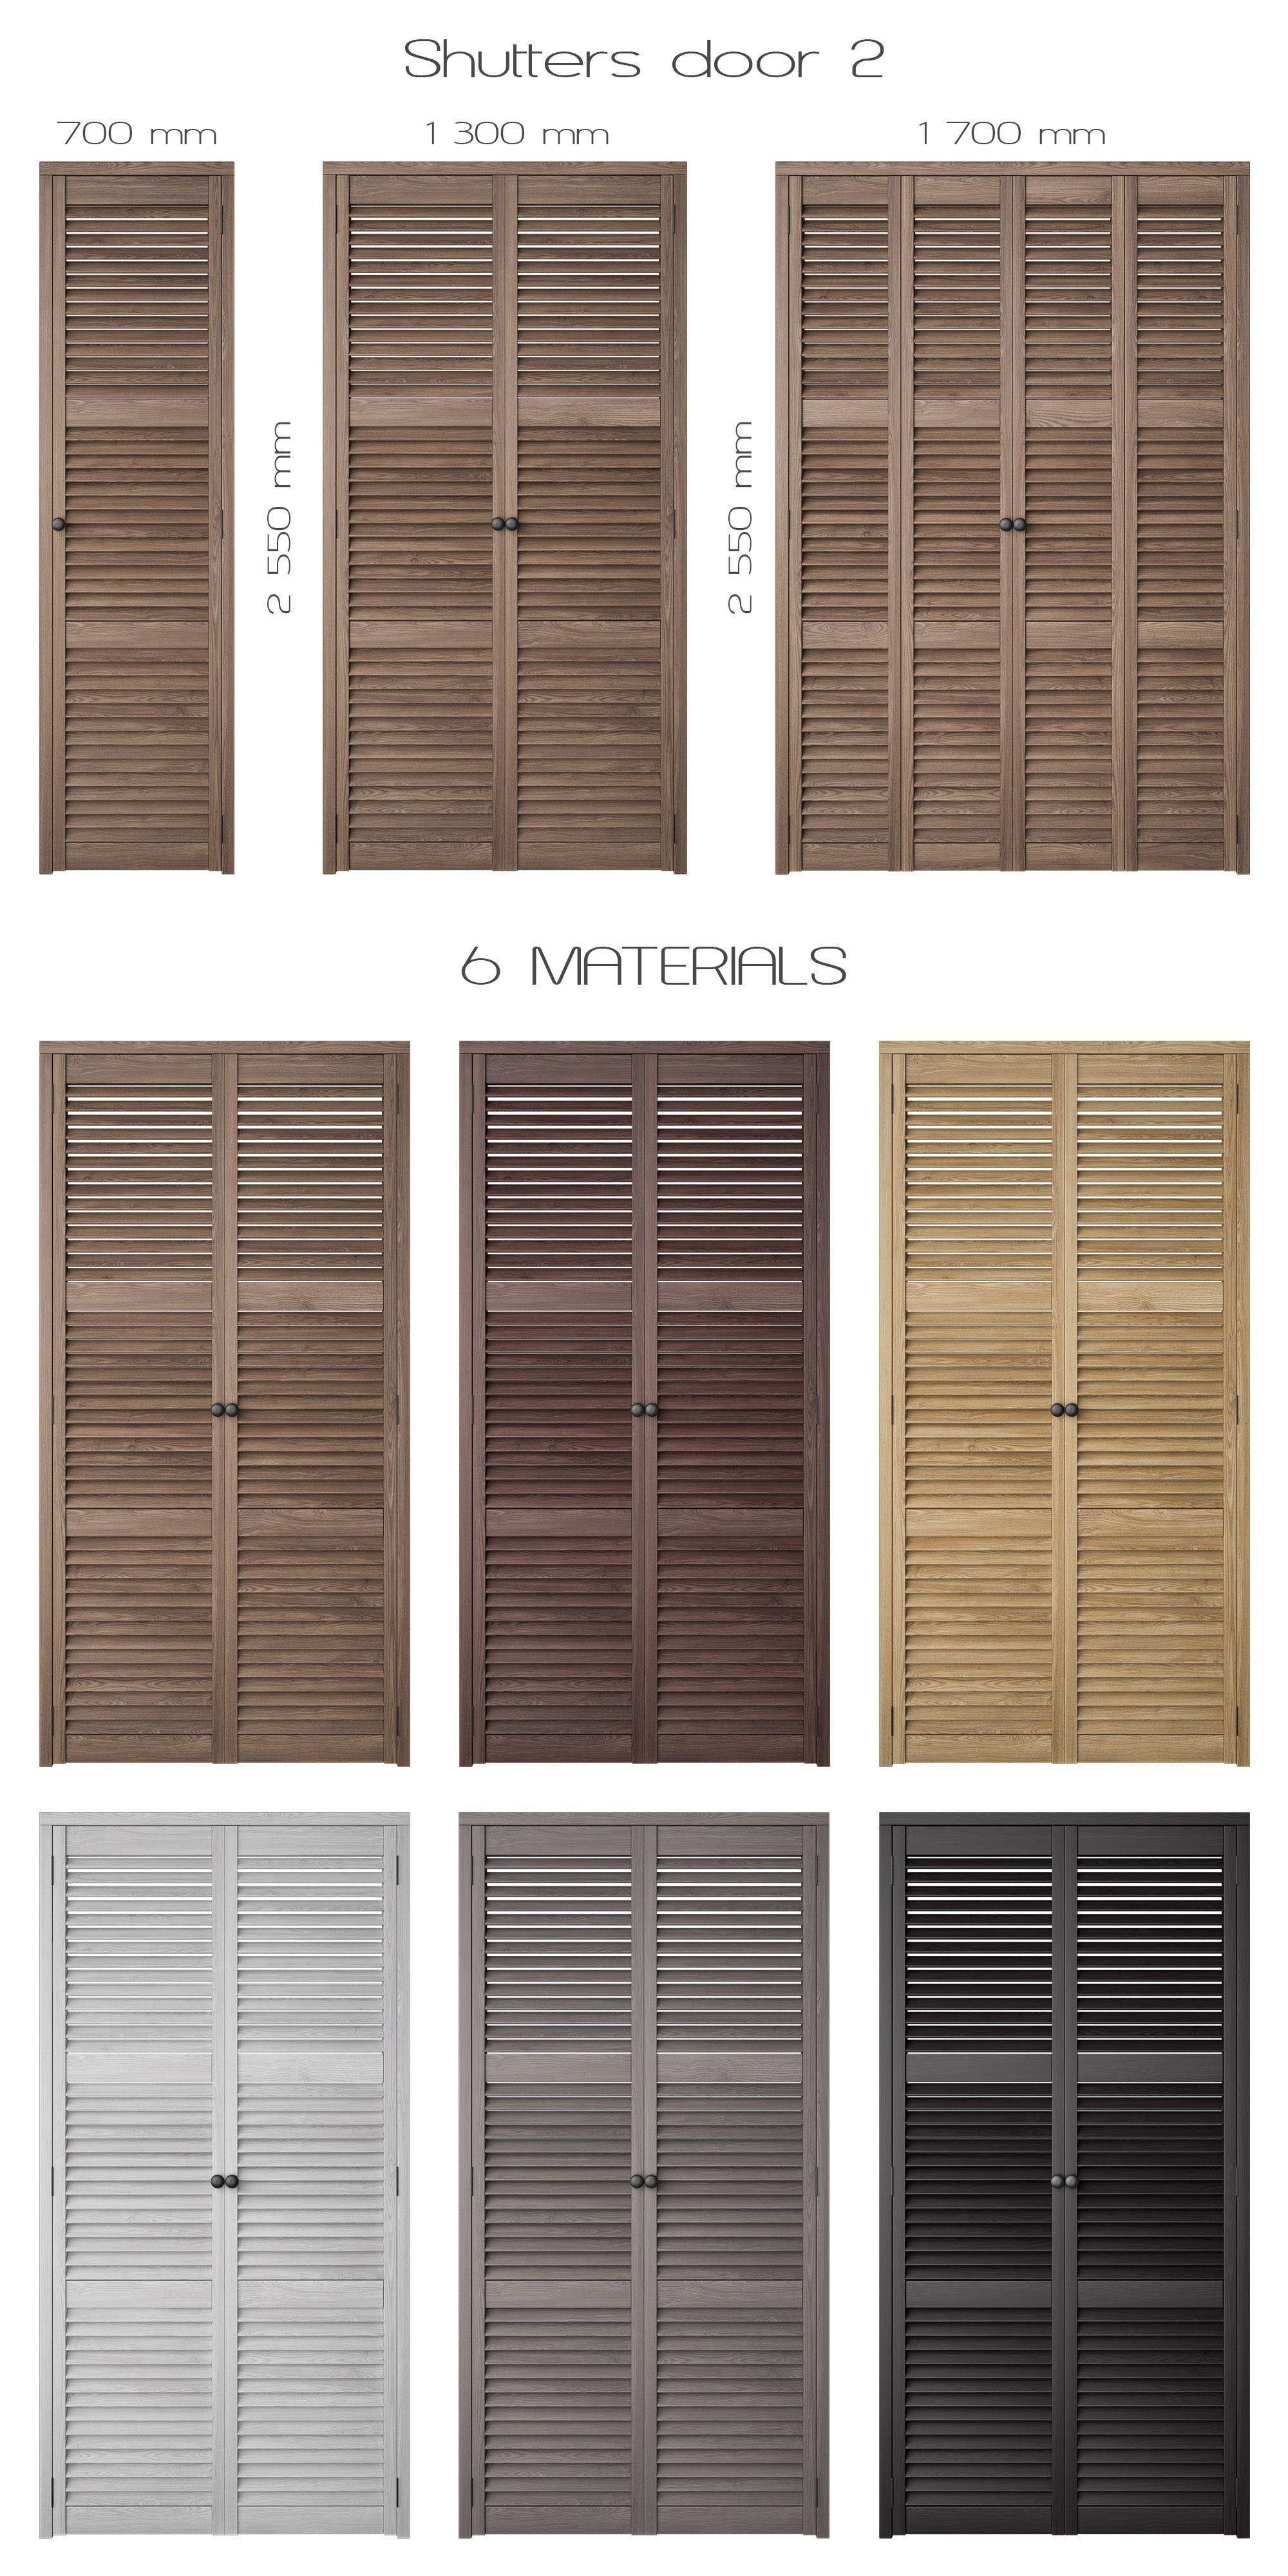 ... shutters door 2 3d model max obj mtl 2 ... & 3D Shutters Door 2   CGTrader